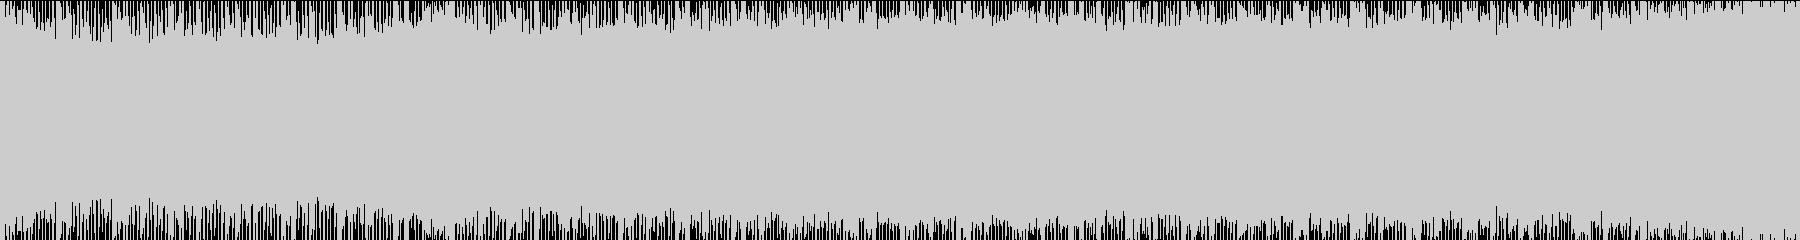 浮遊感のあるspacyなBGMの未再生の波形